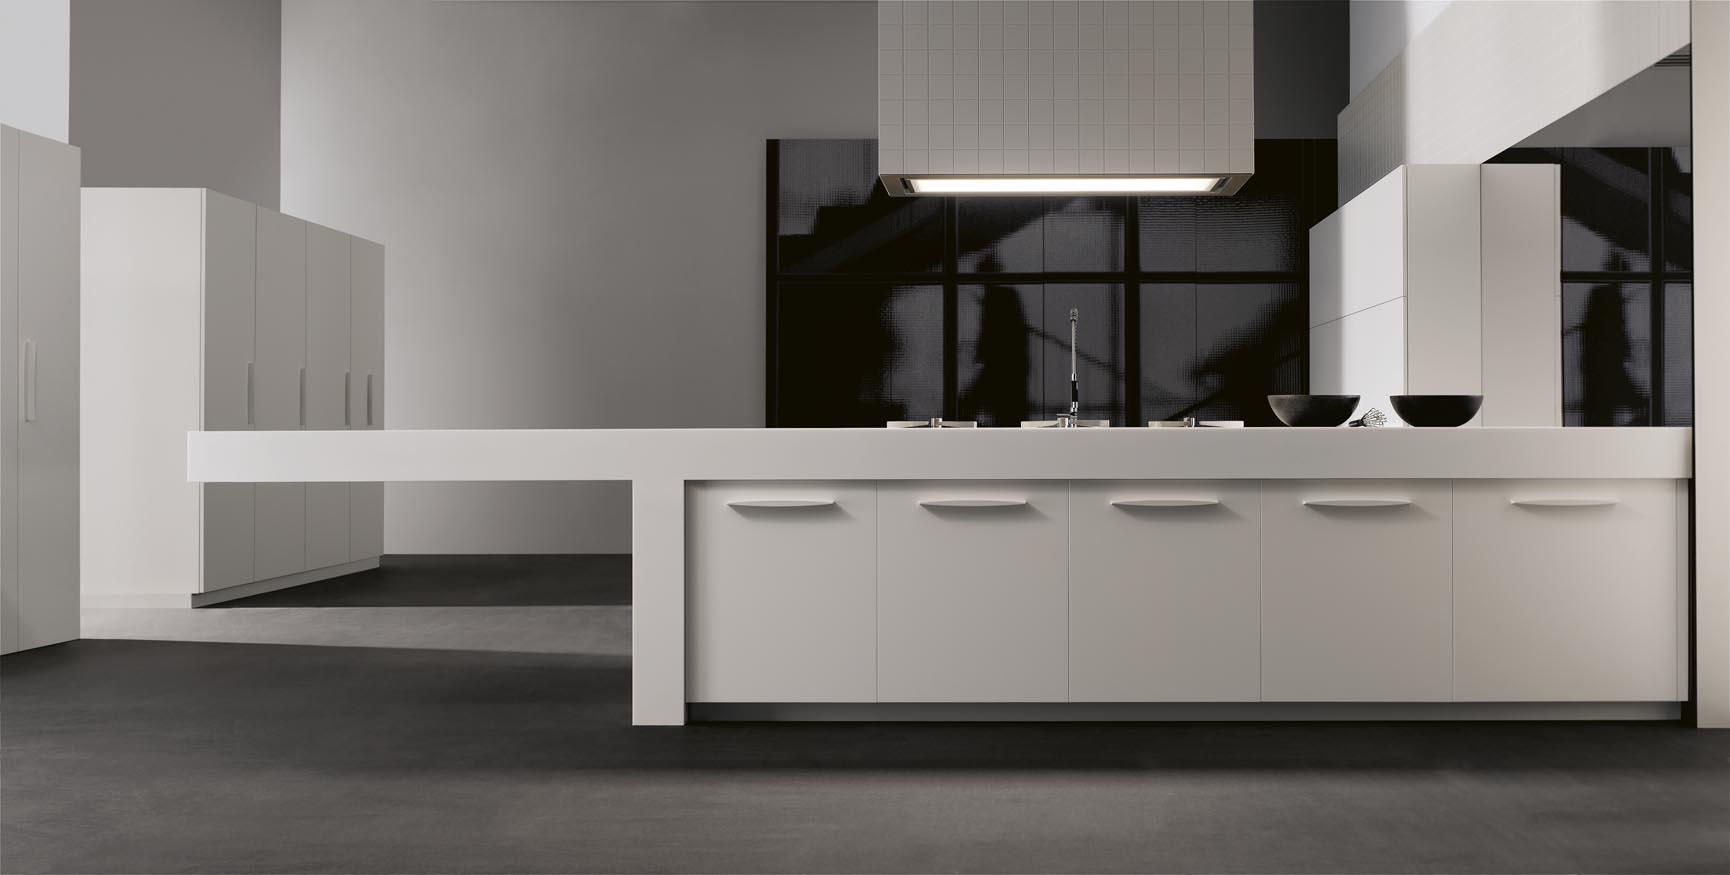 Cocinas sencillas modelo settina gunni trentino for Cocinas modernas outlet